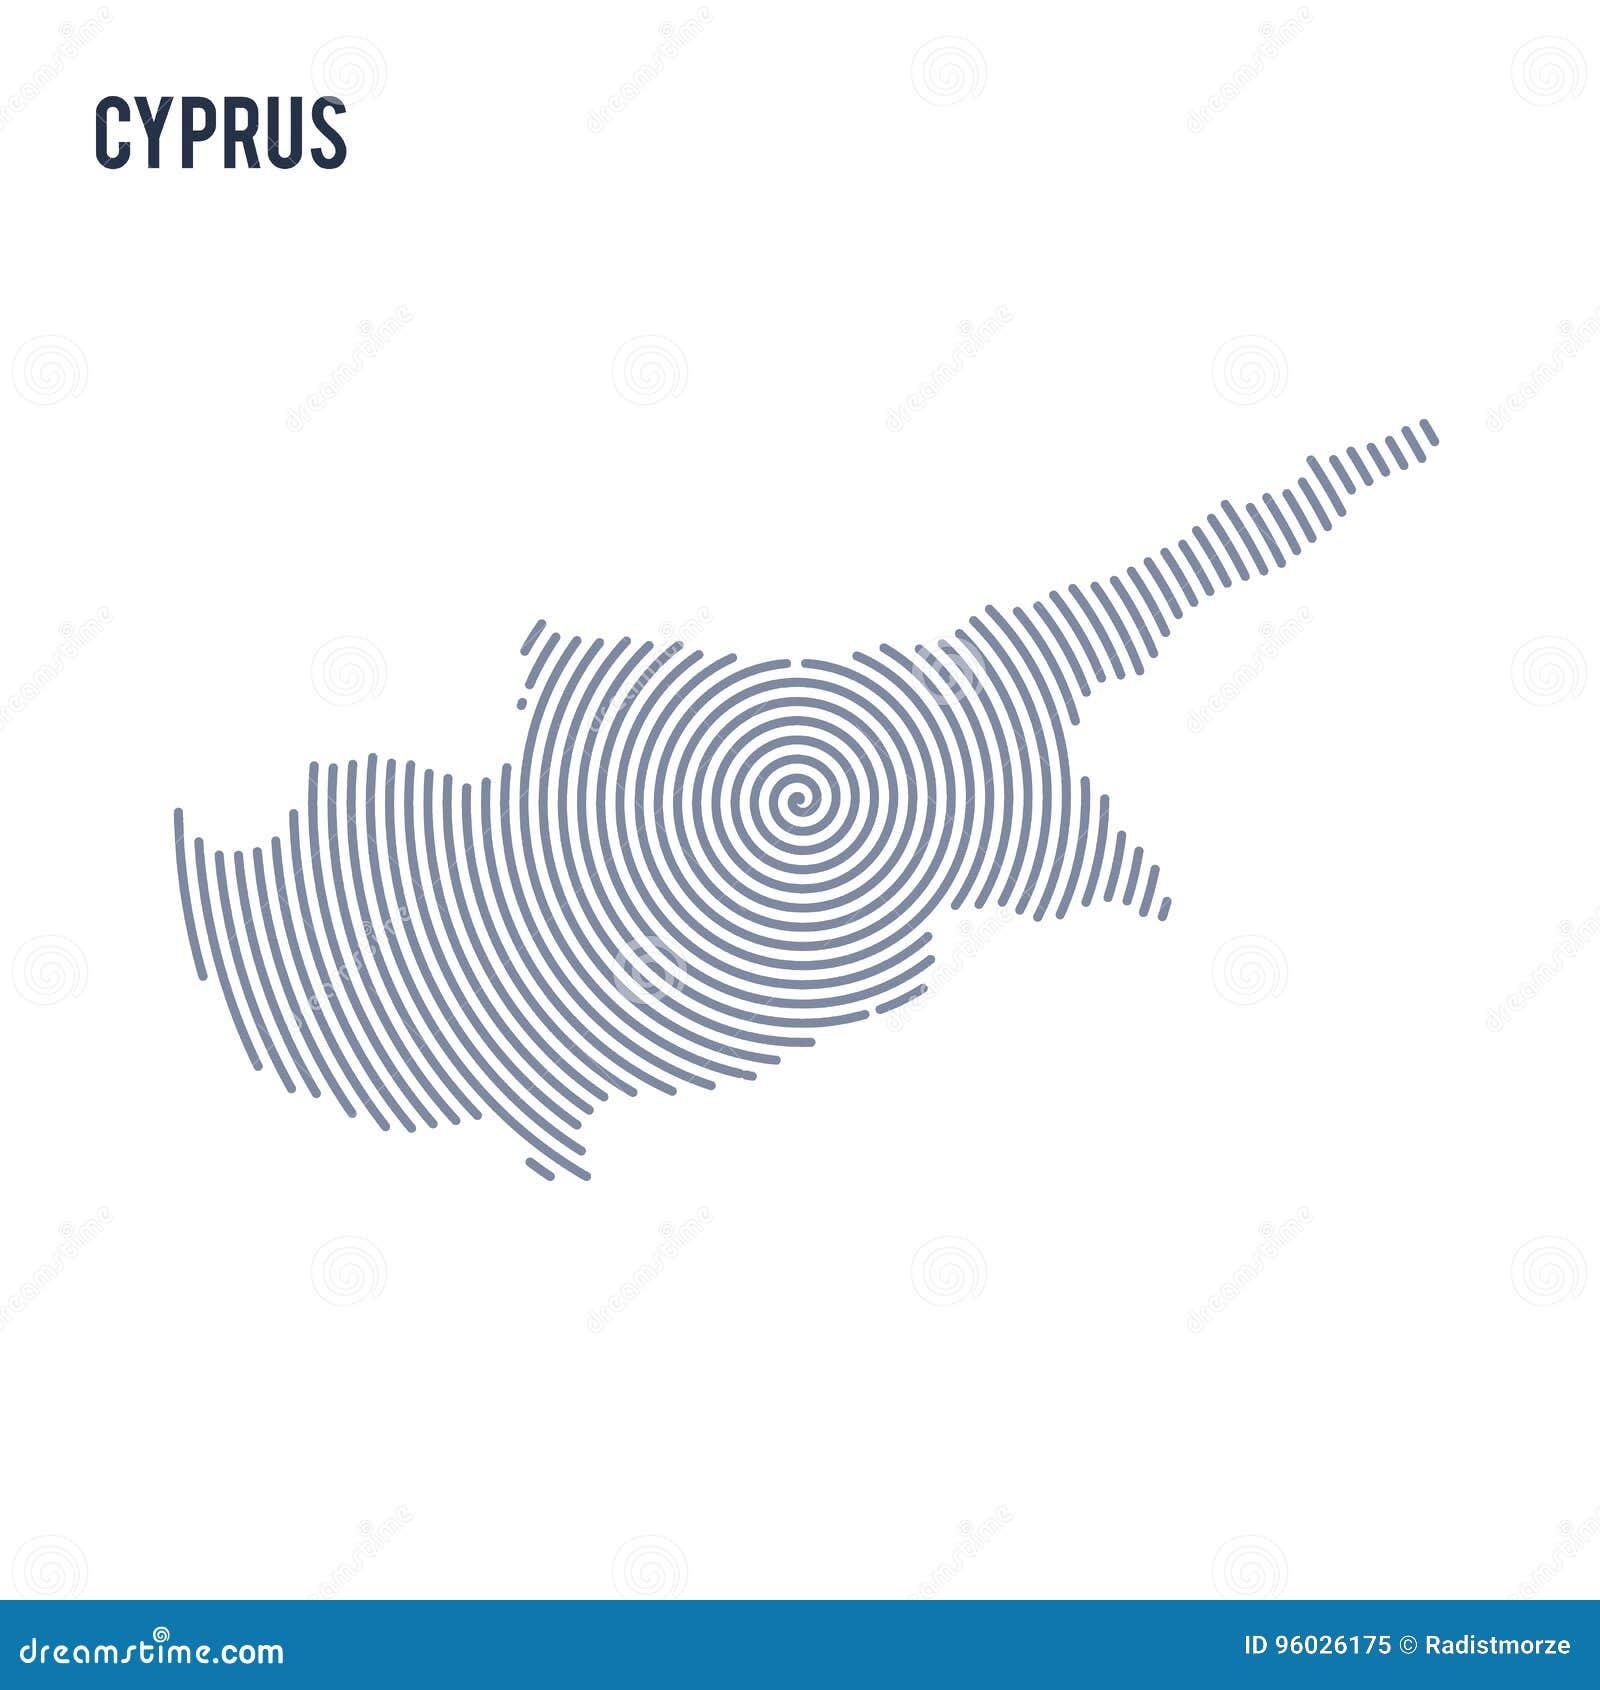 Wektorowy abstrakt klująca się mapa Cypr z spiral liniami odizolowywać na białym tle